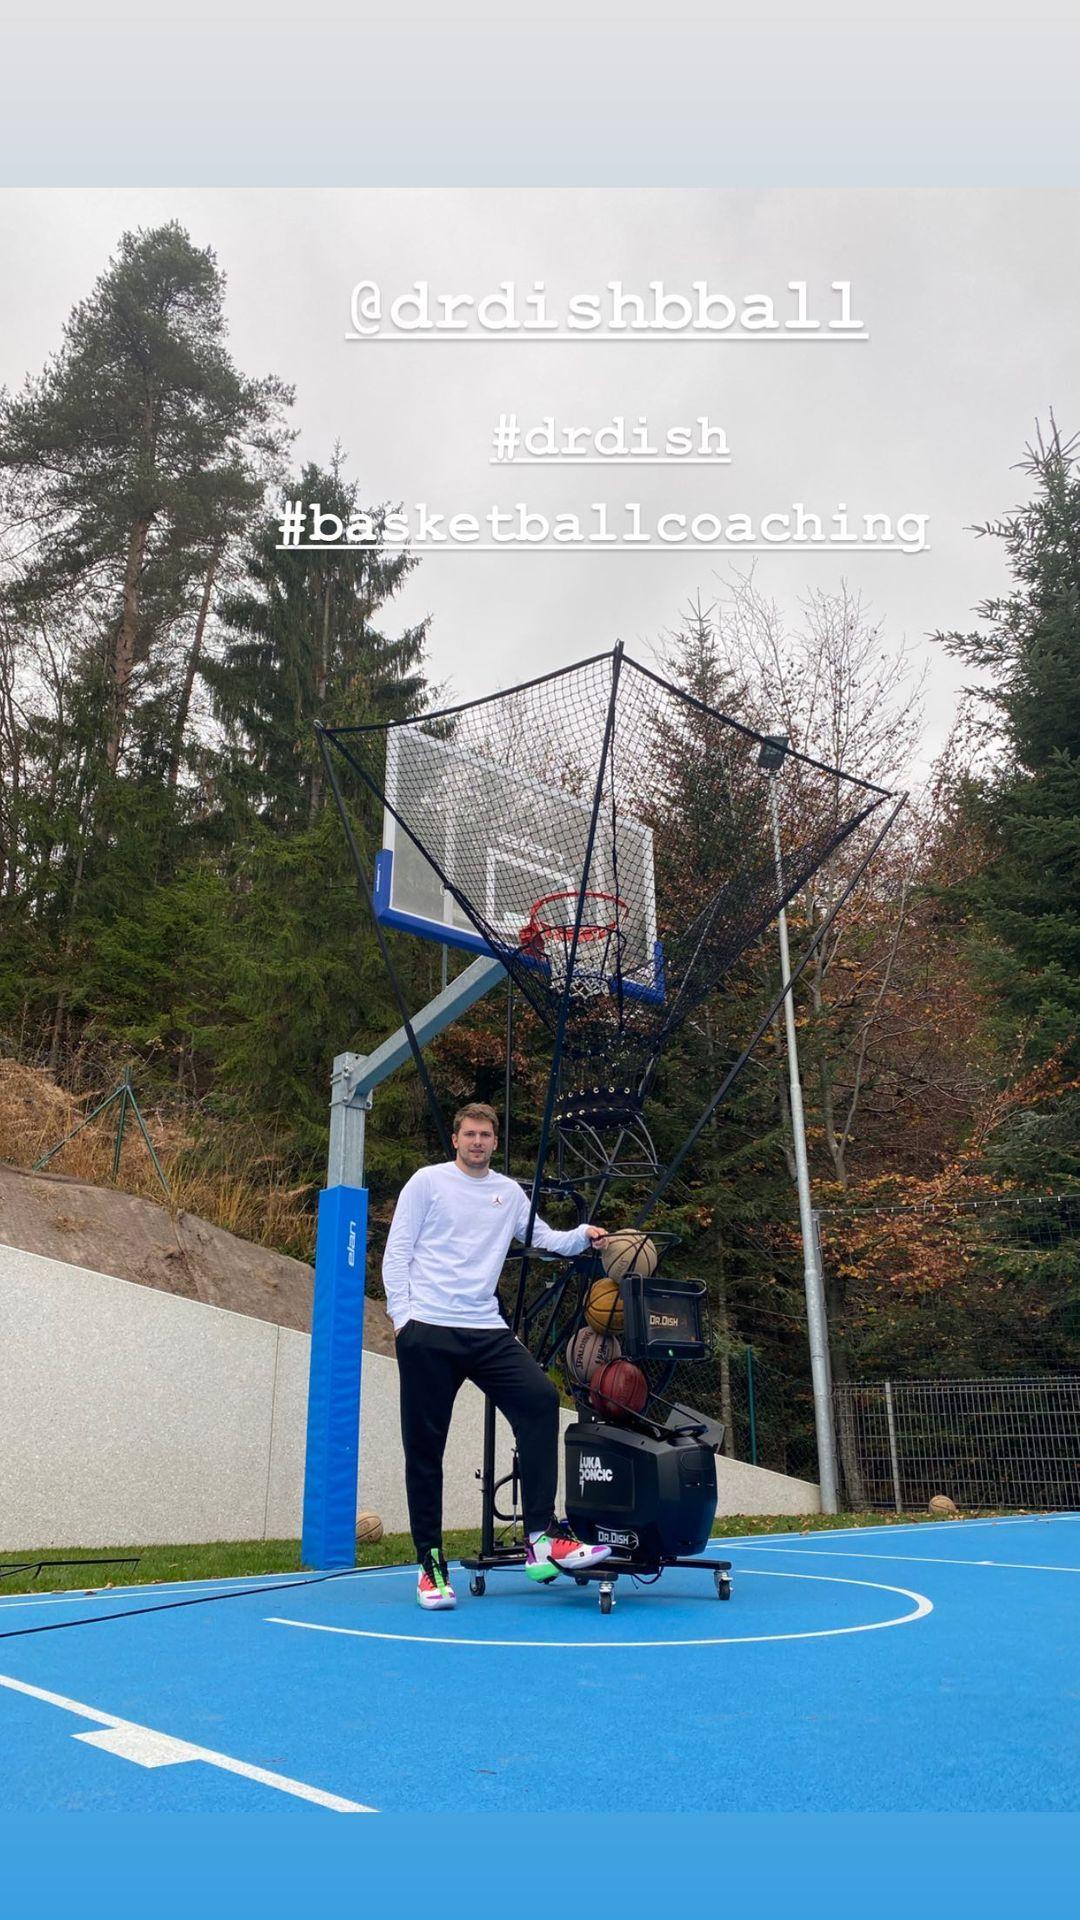 东契奇亚博yabo亚博yabo手机手机登录亚博yabo手机登录更新Instagram,回顾自己参加的一个篮球执教活动